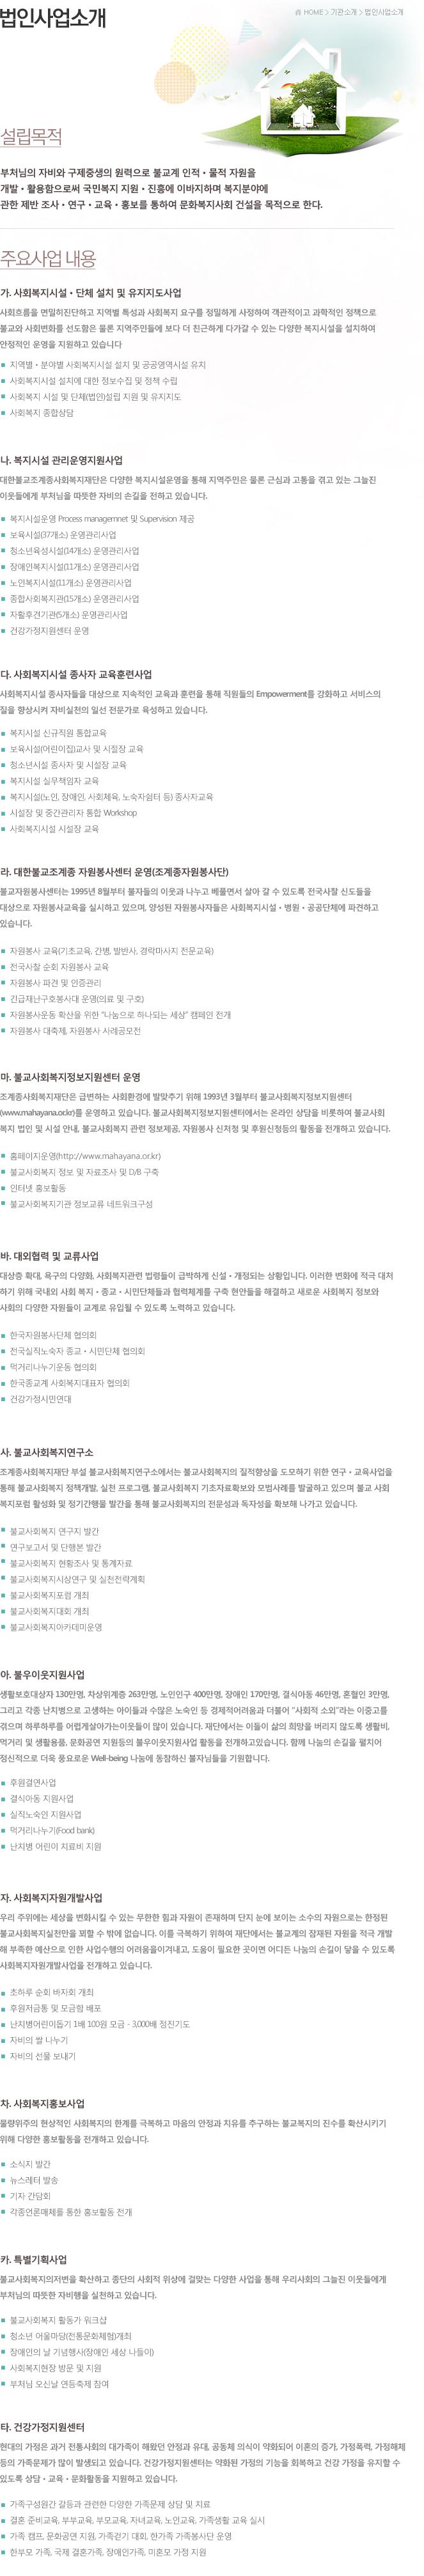 기관소개_법인사업소개.jpg